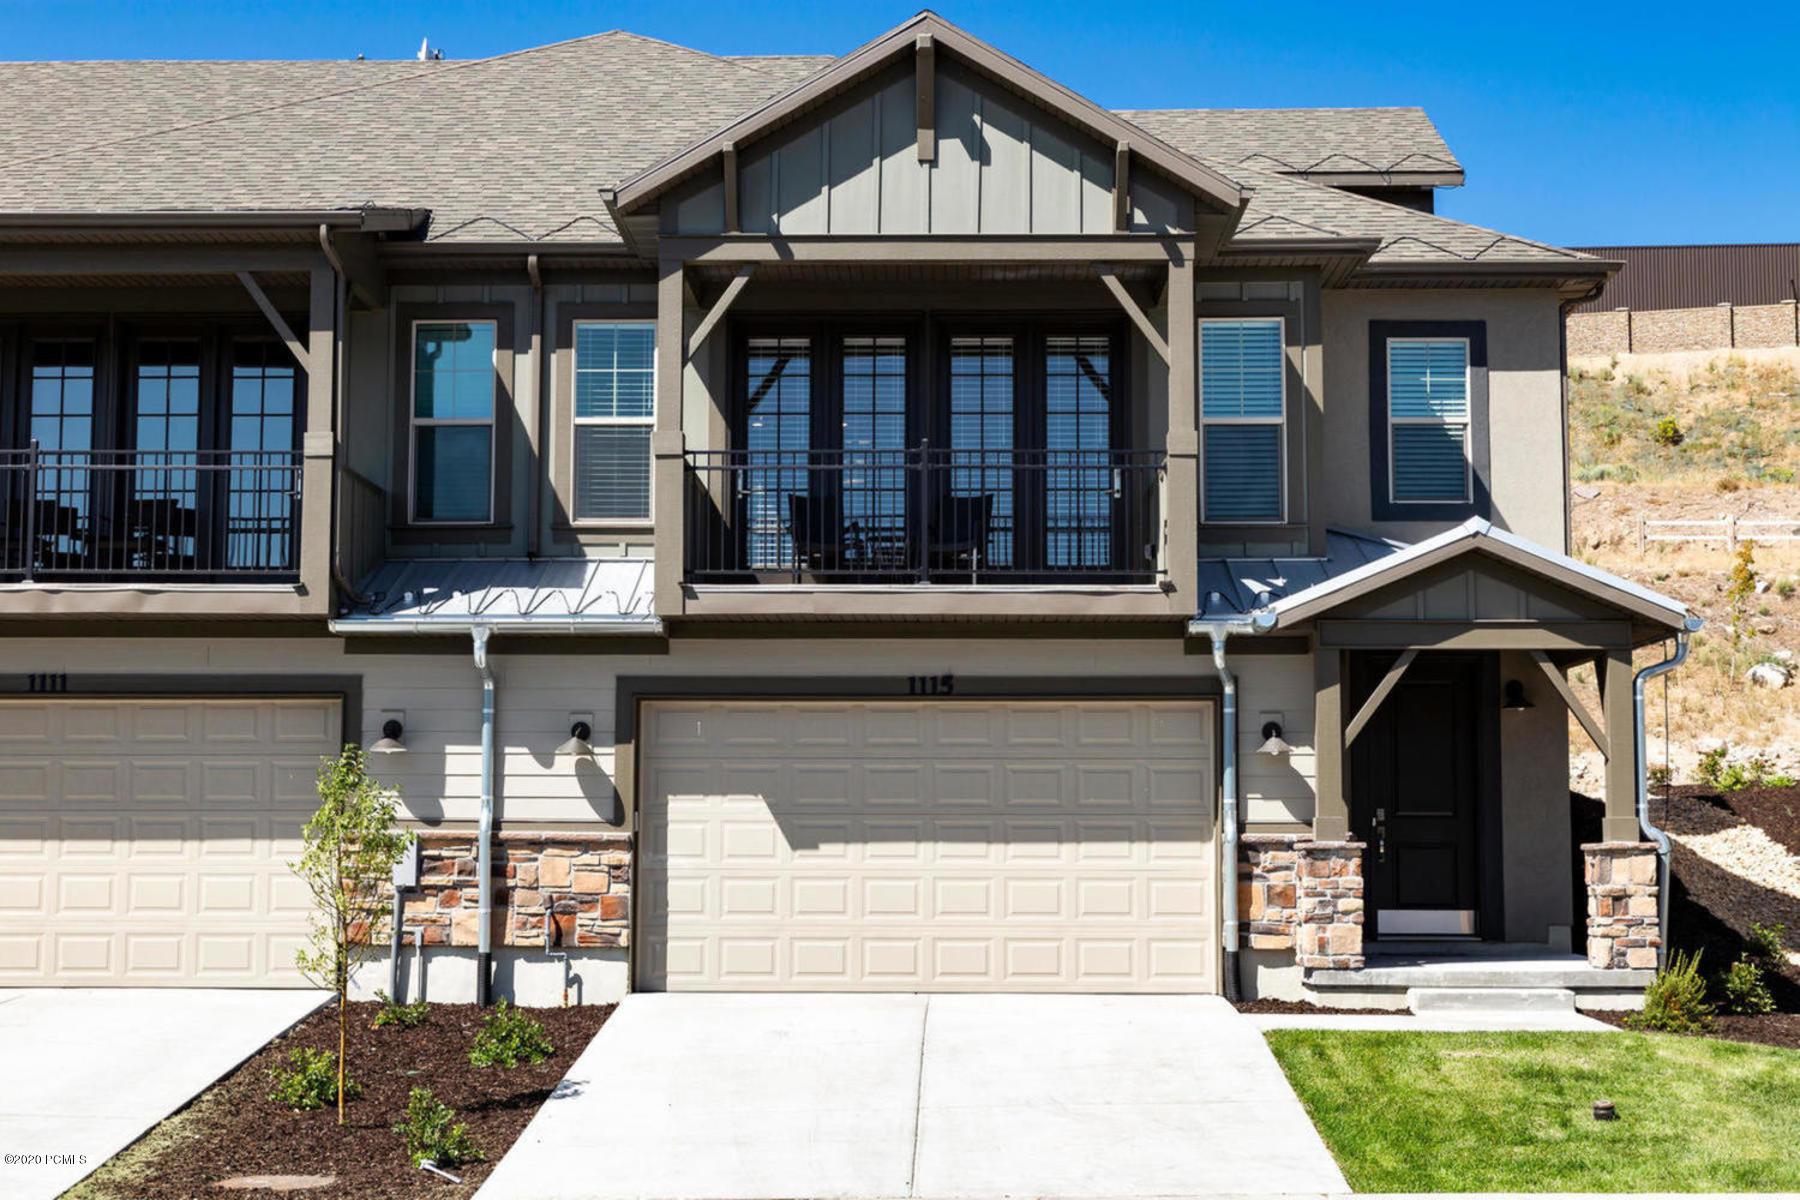 1091 Wasatch Springs Rd #N3, Heber City, Utah 84032, 3 Bedrooms Bedrooms, ,4 BathroomsBathrooms,Condominium,For Sale,Wasatch Springs Rd #N3,12002443